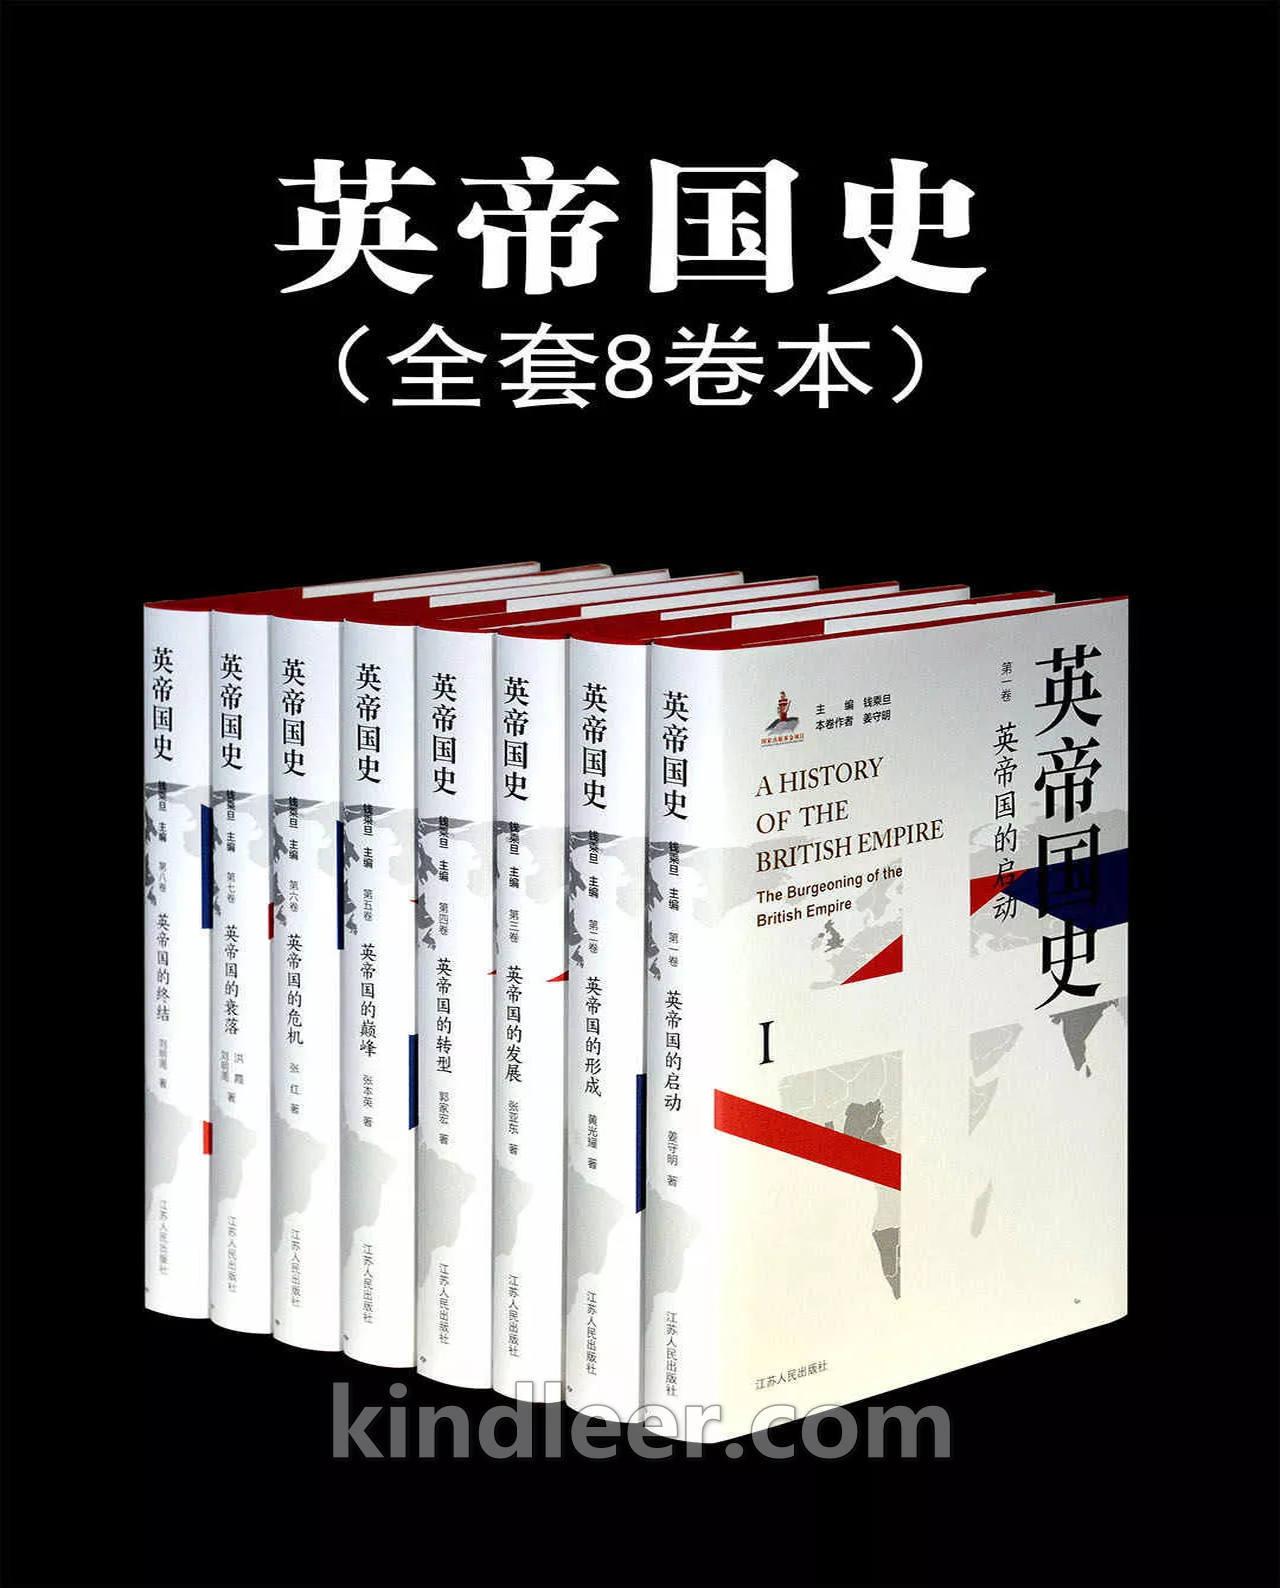 《英帝国史套书(全8卷)》epub+mobi+azw3